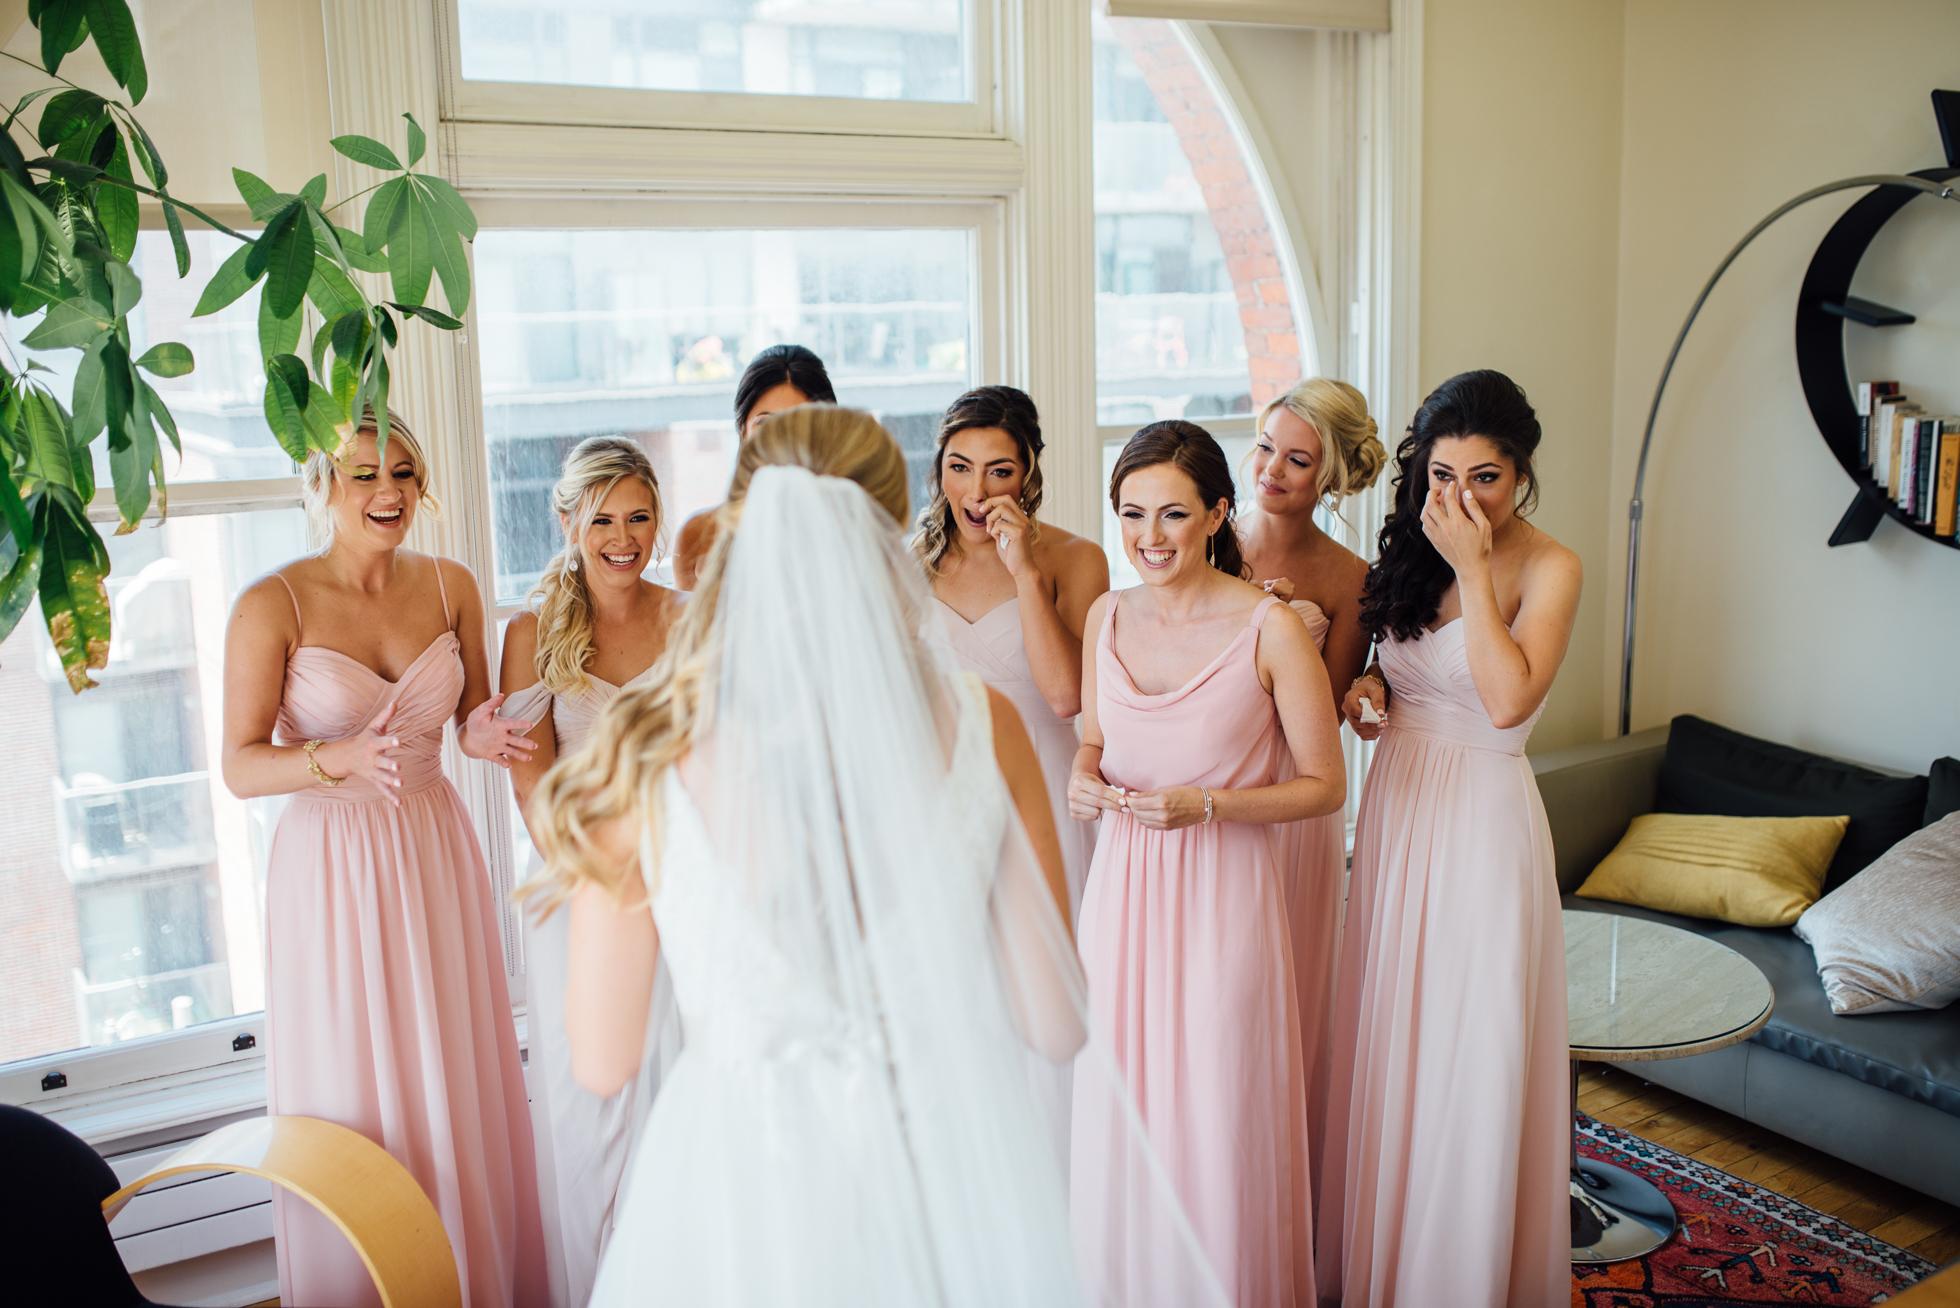 Gladstone-Hotel-Toronto-Wedding-36.jpg